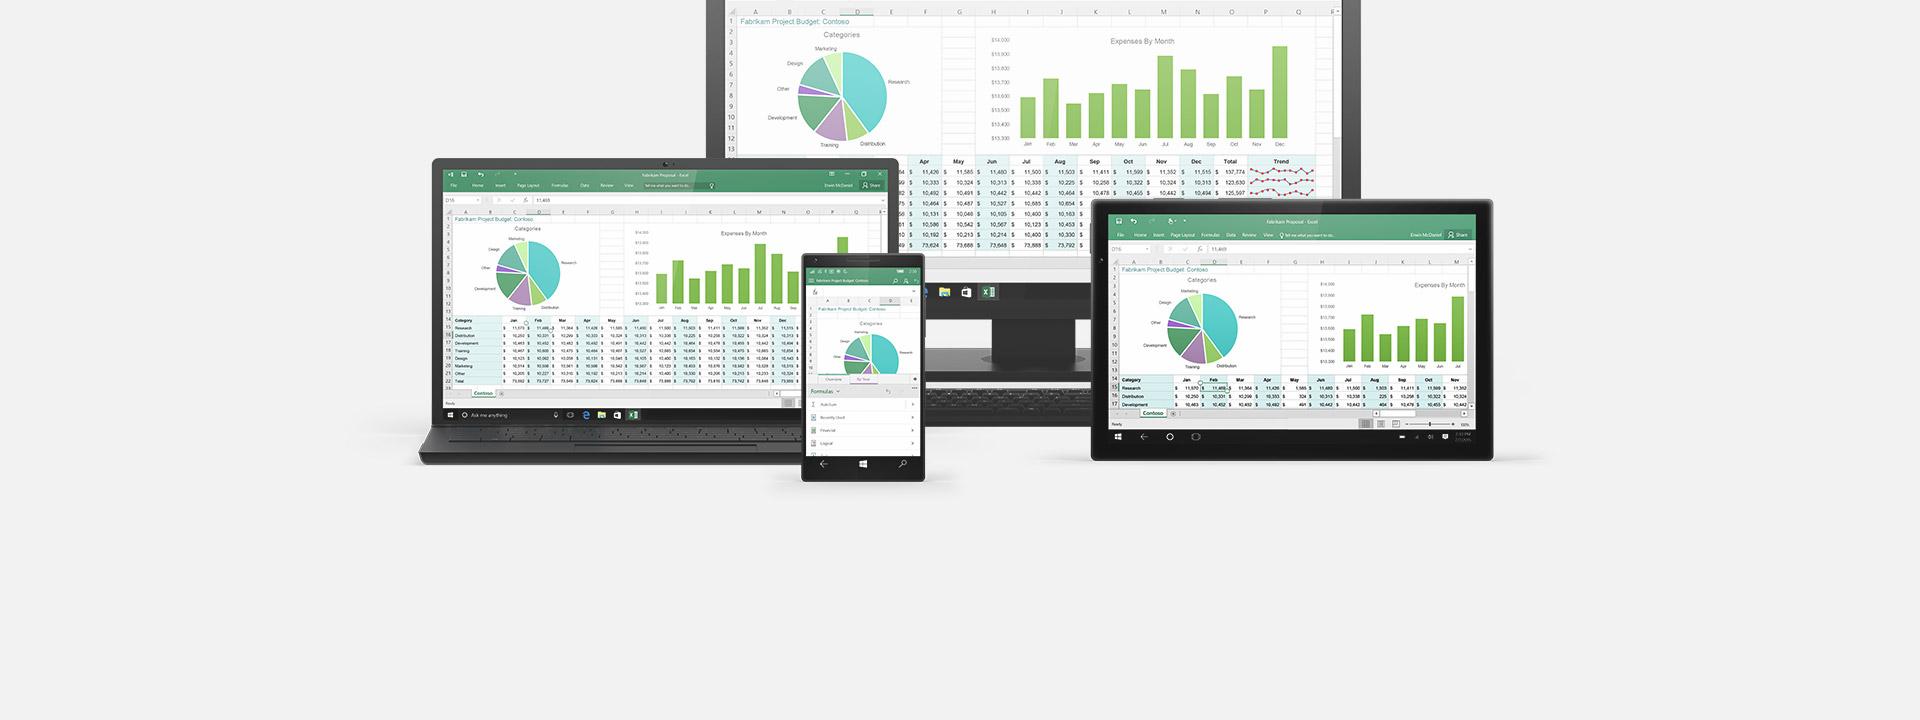 Vários dispositivos, saiba mais sobre o Office 365